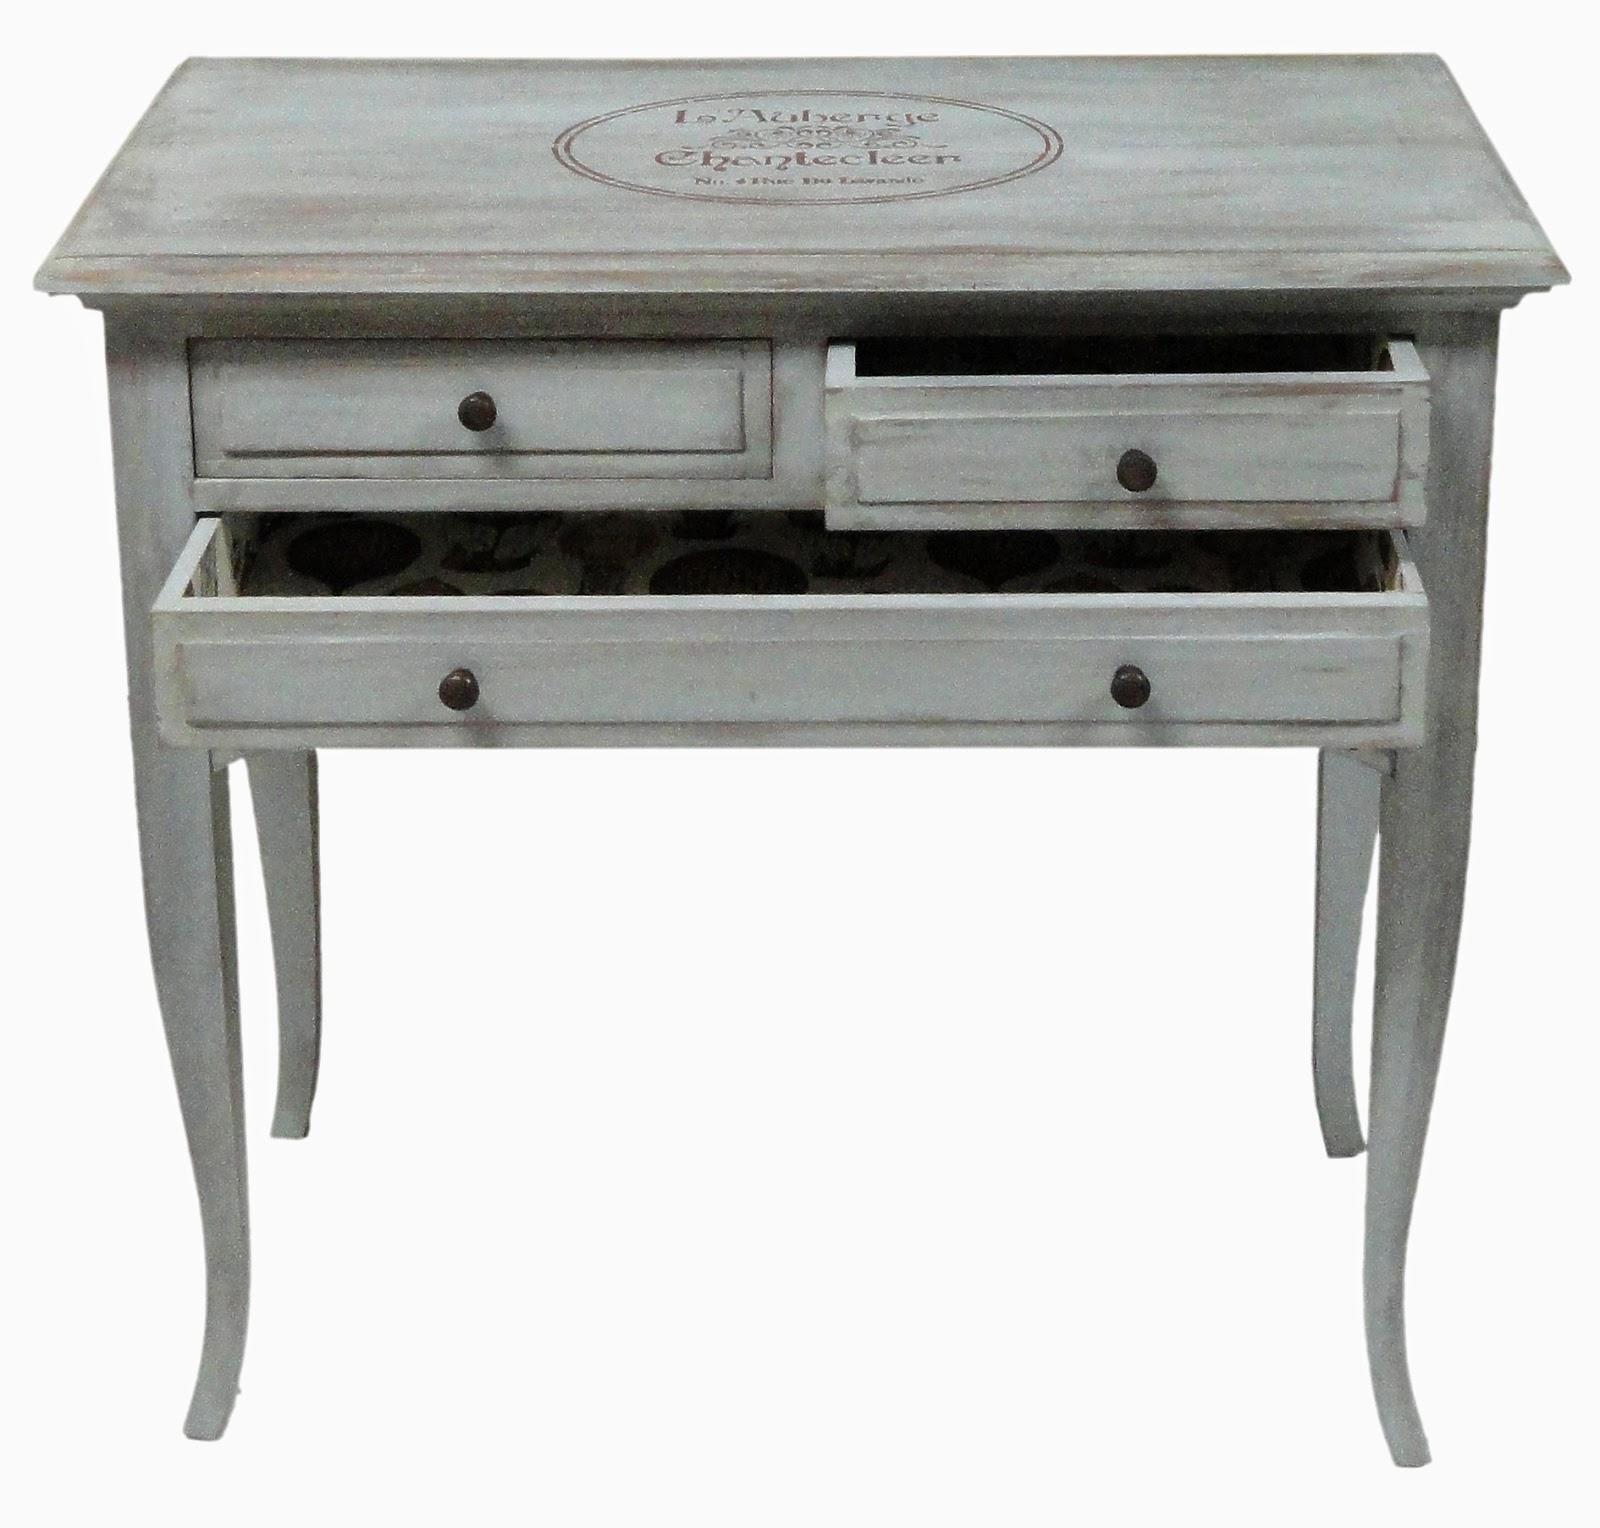 Pintar muebles de madera sin lijar como pintar un mueble for Pintar mueble barnizado